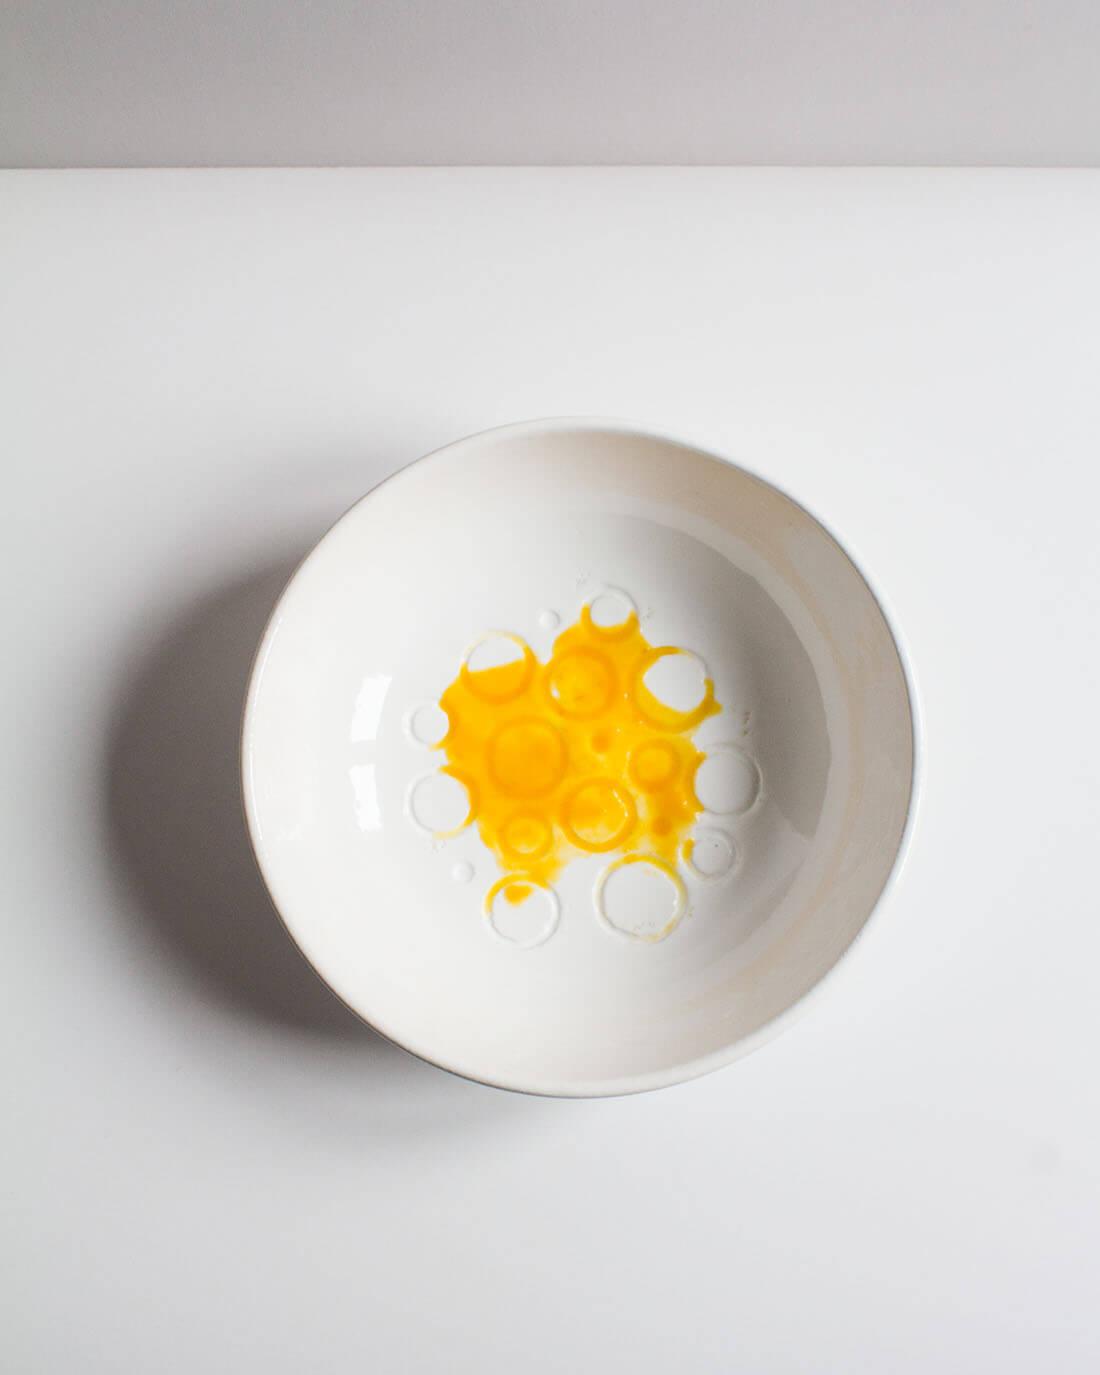 La tavola dei sensi, esercizi progettuali sugli oggetti per la tavola, piatto